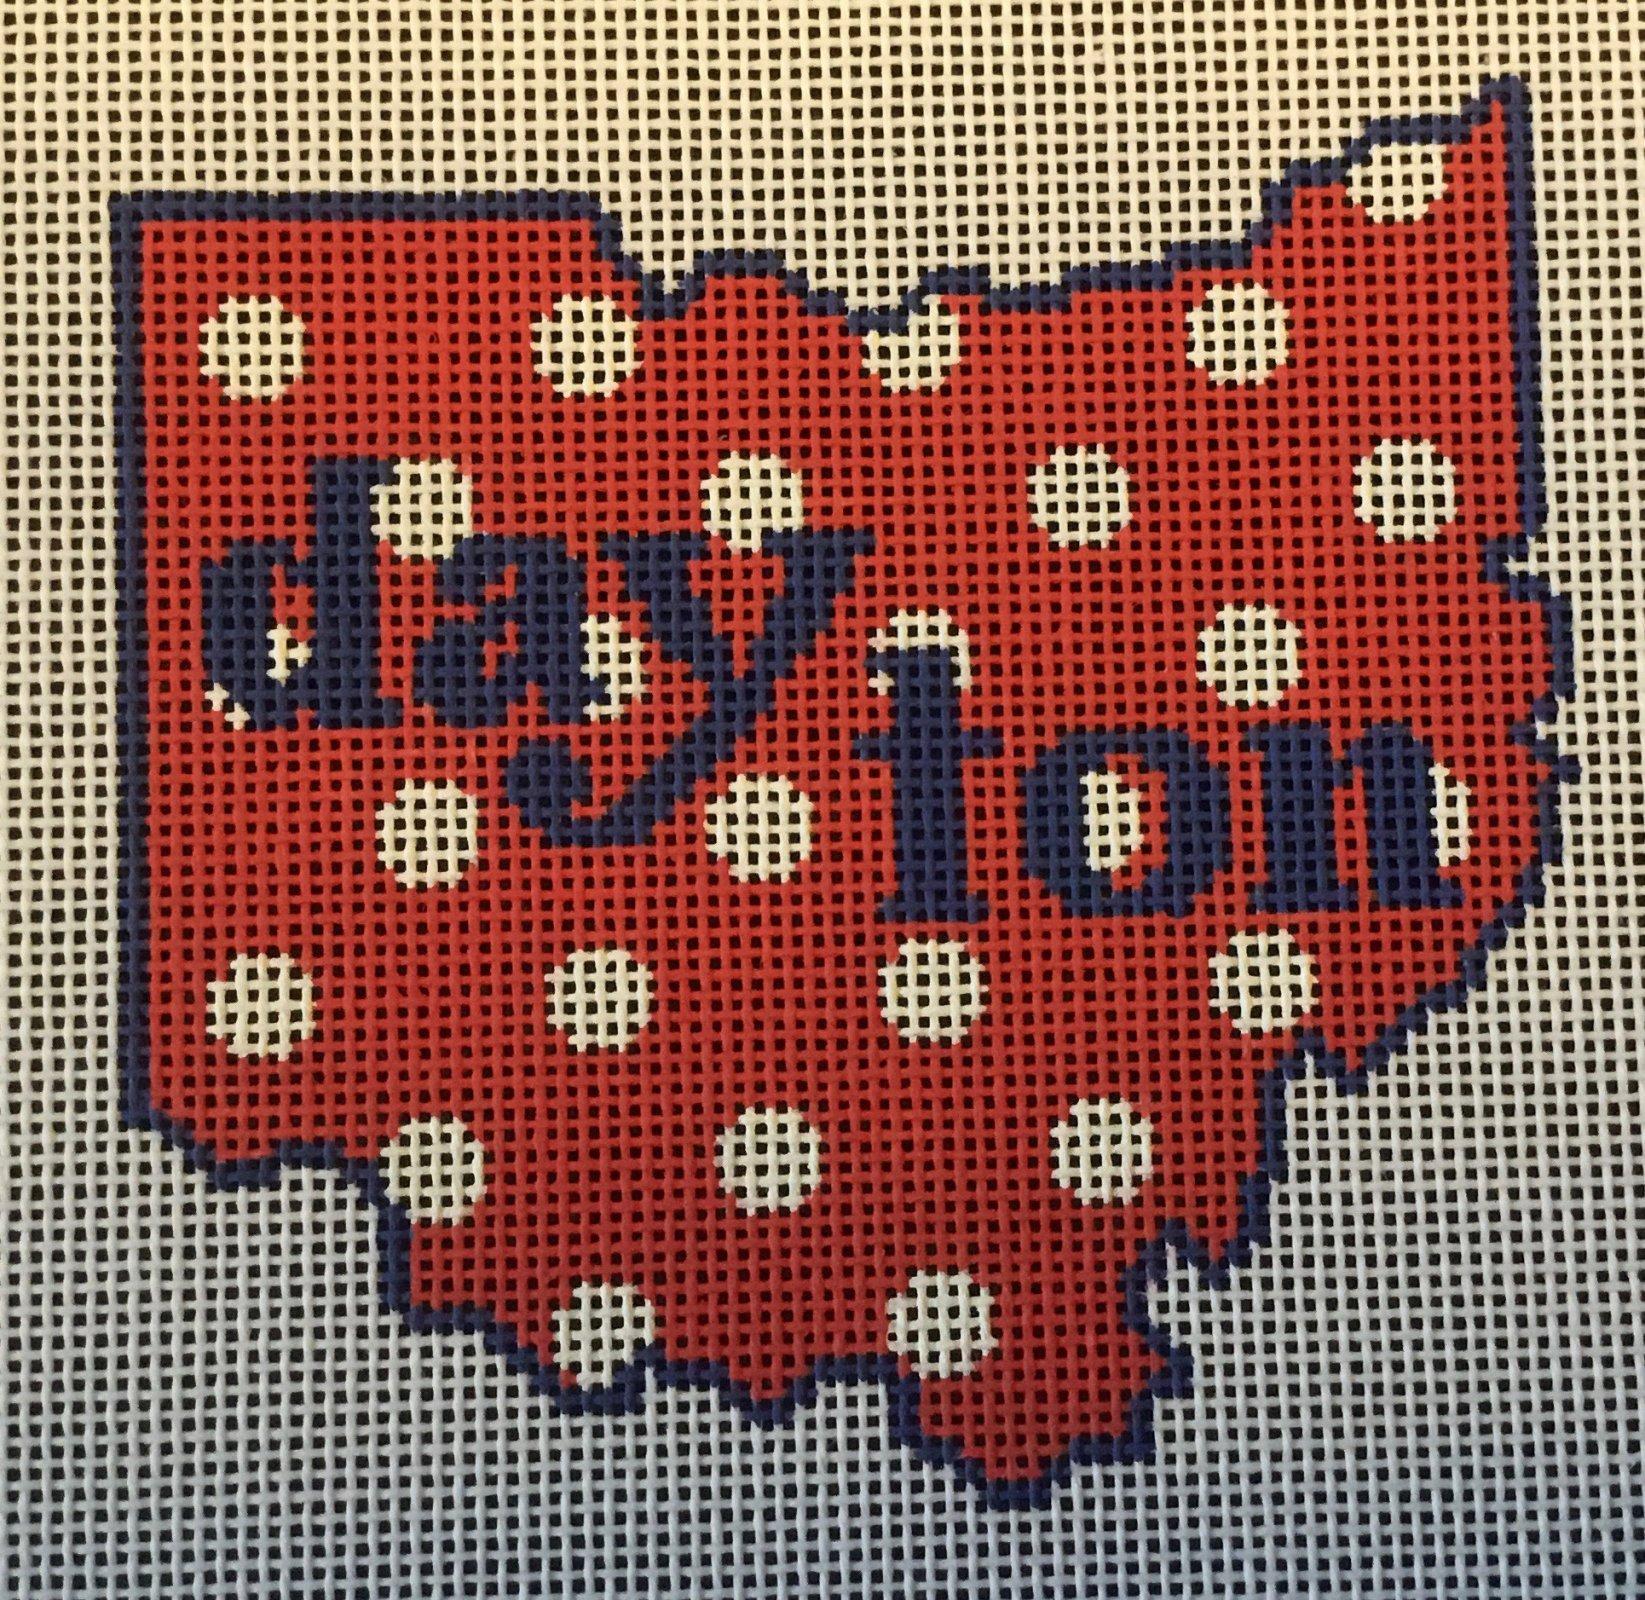 Dayton,State Shape,18 ct, 4x4